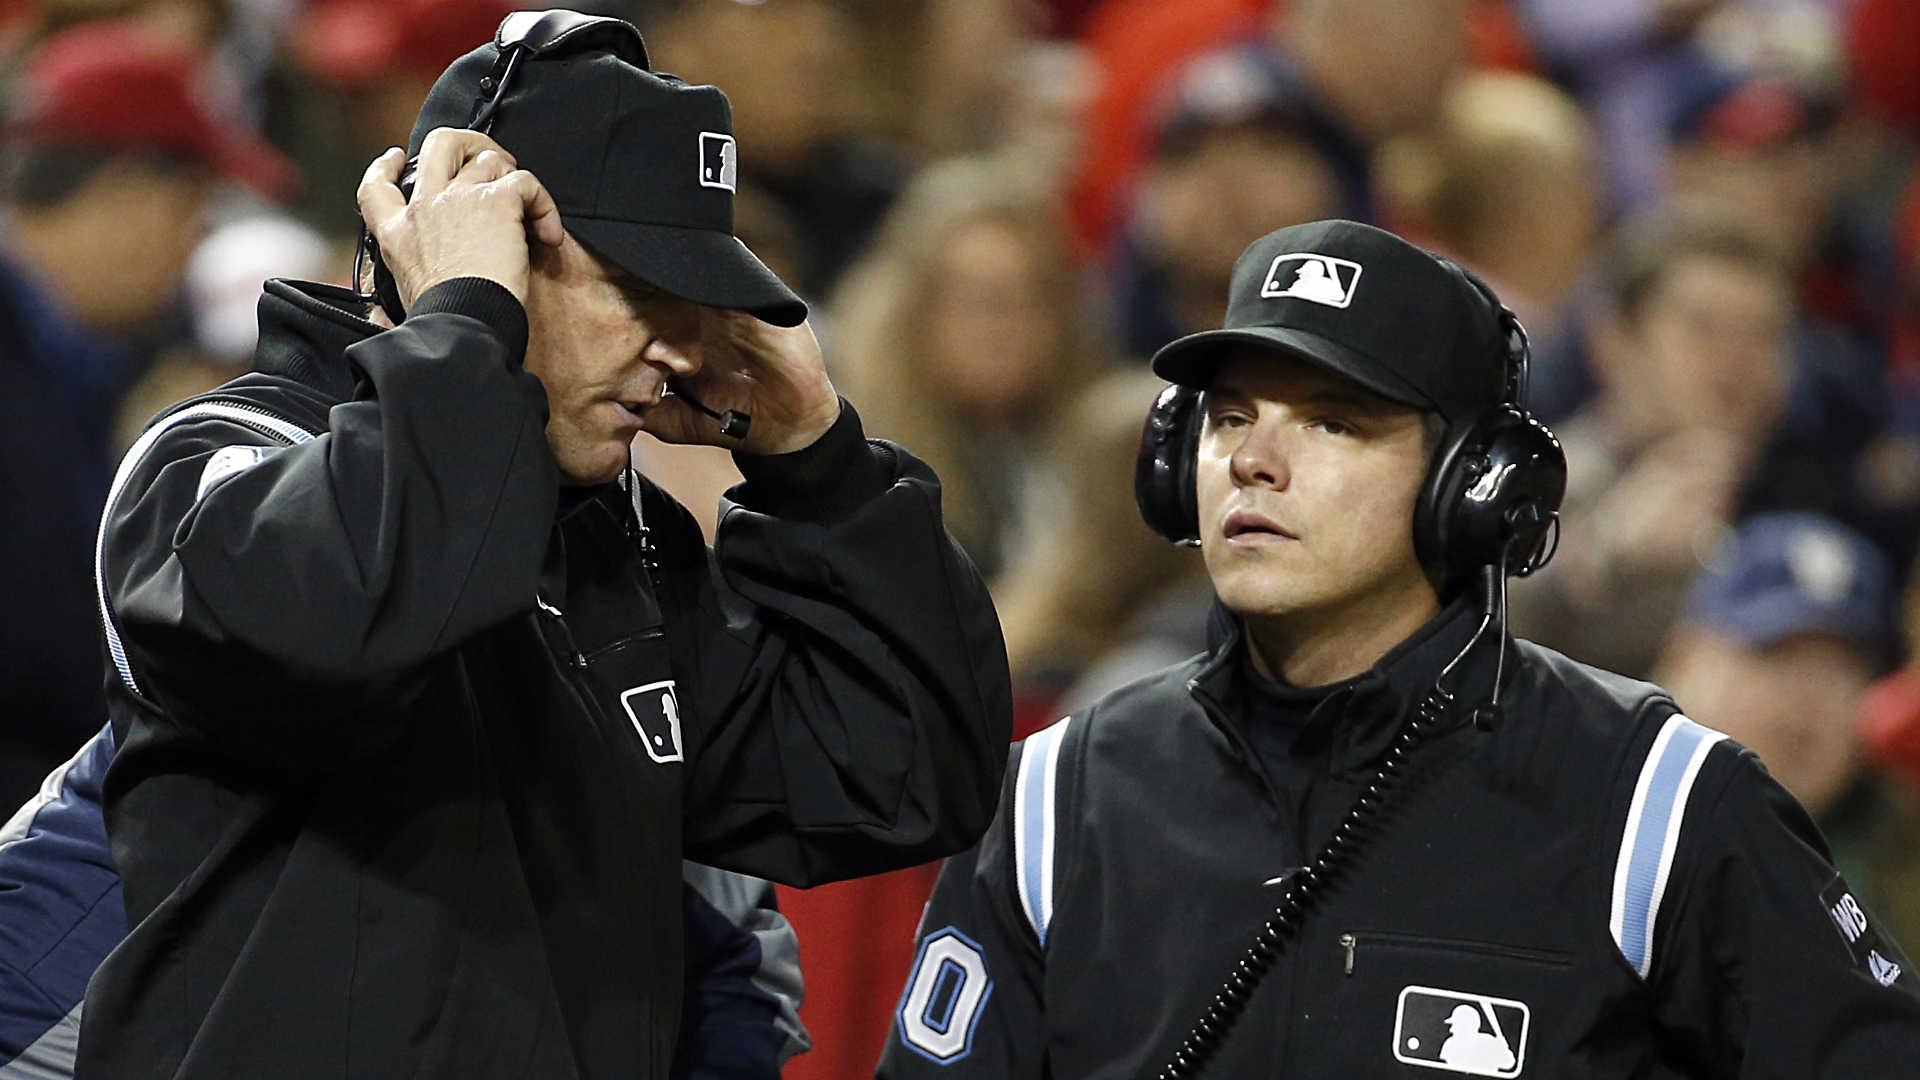 Umpires-041214-AP-FTR.jpg